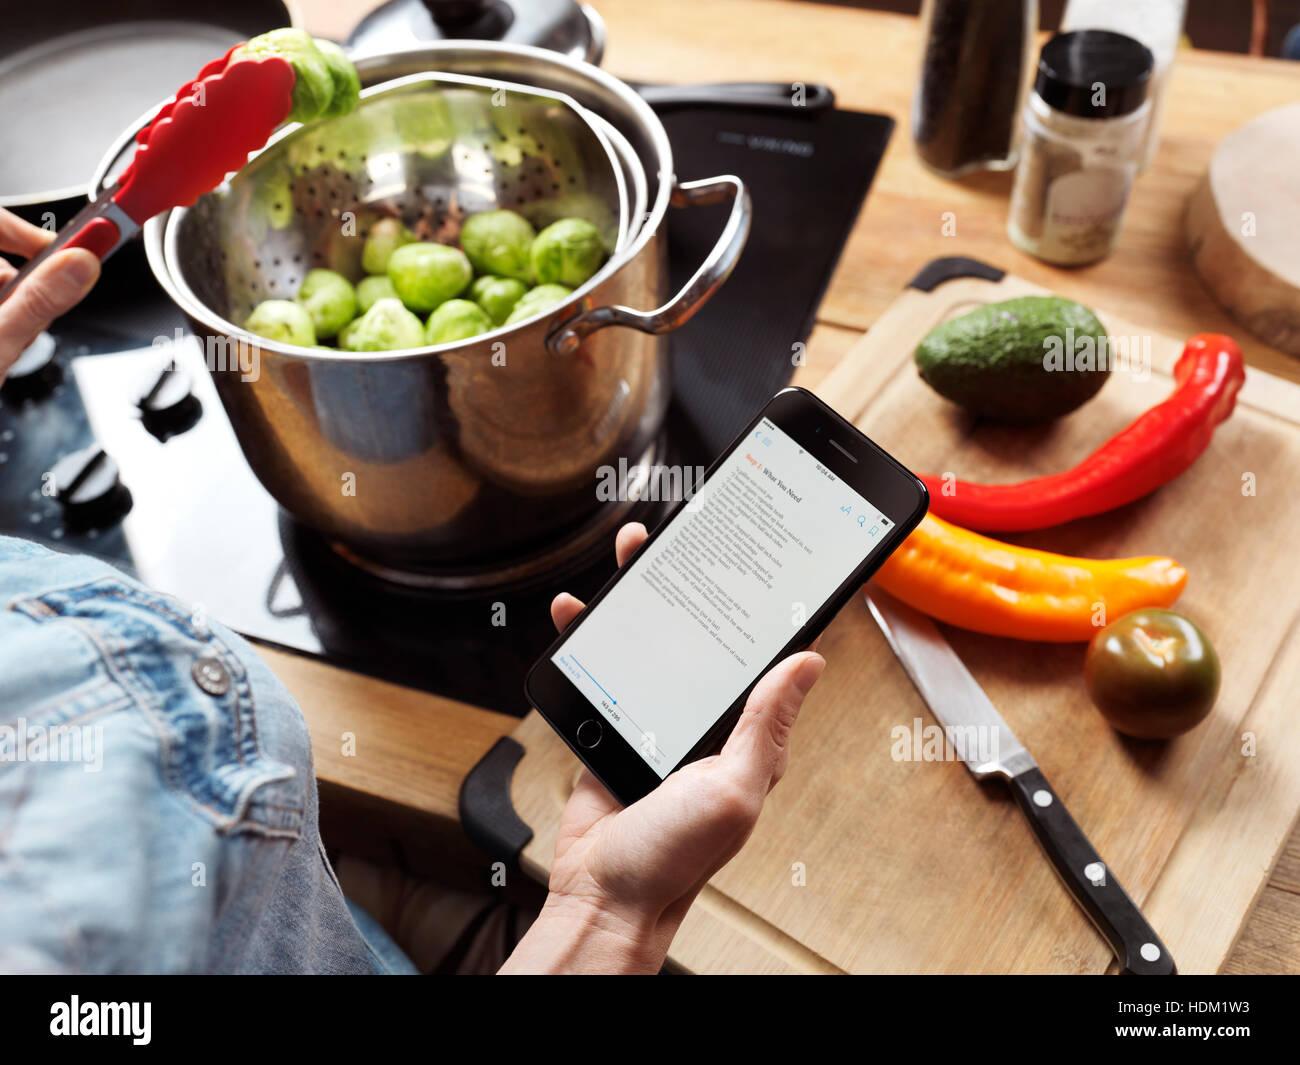 Dans la cuisine femme lisant une recette à partir de l'iPhone 7 dans sa main Photo Stock